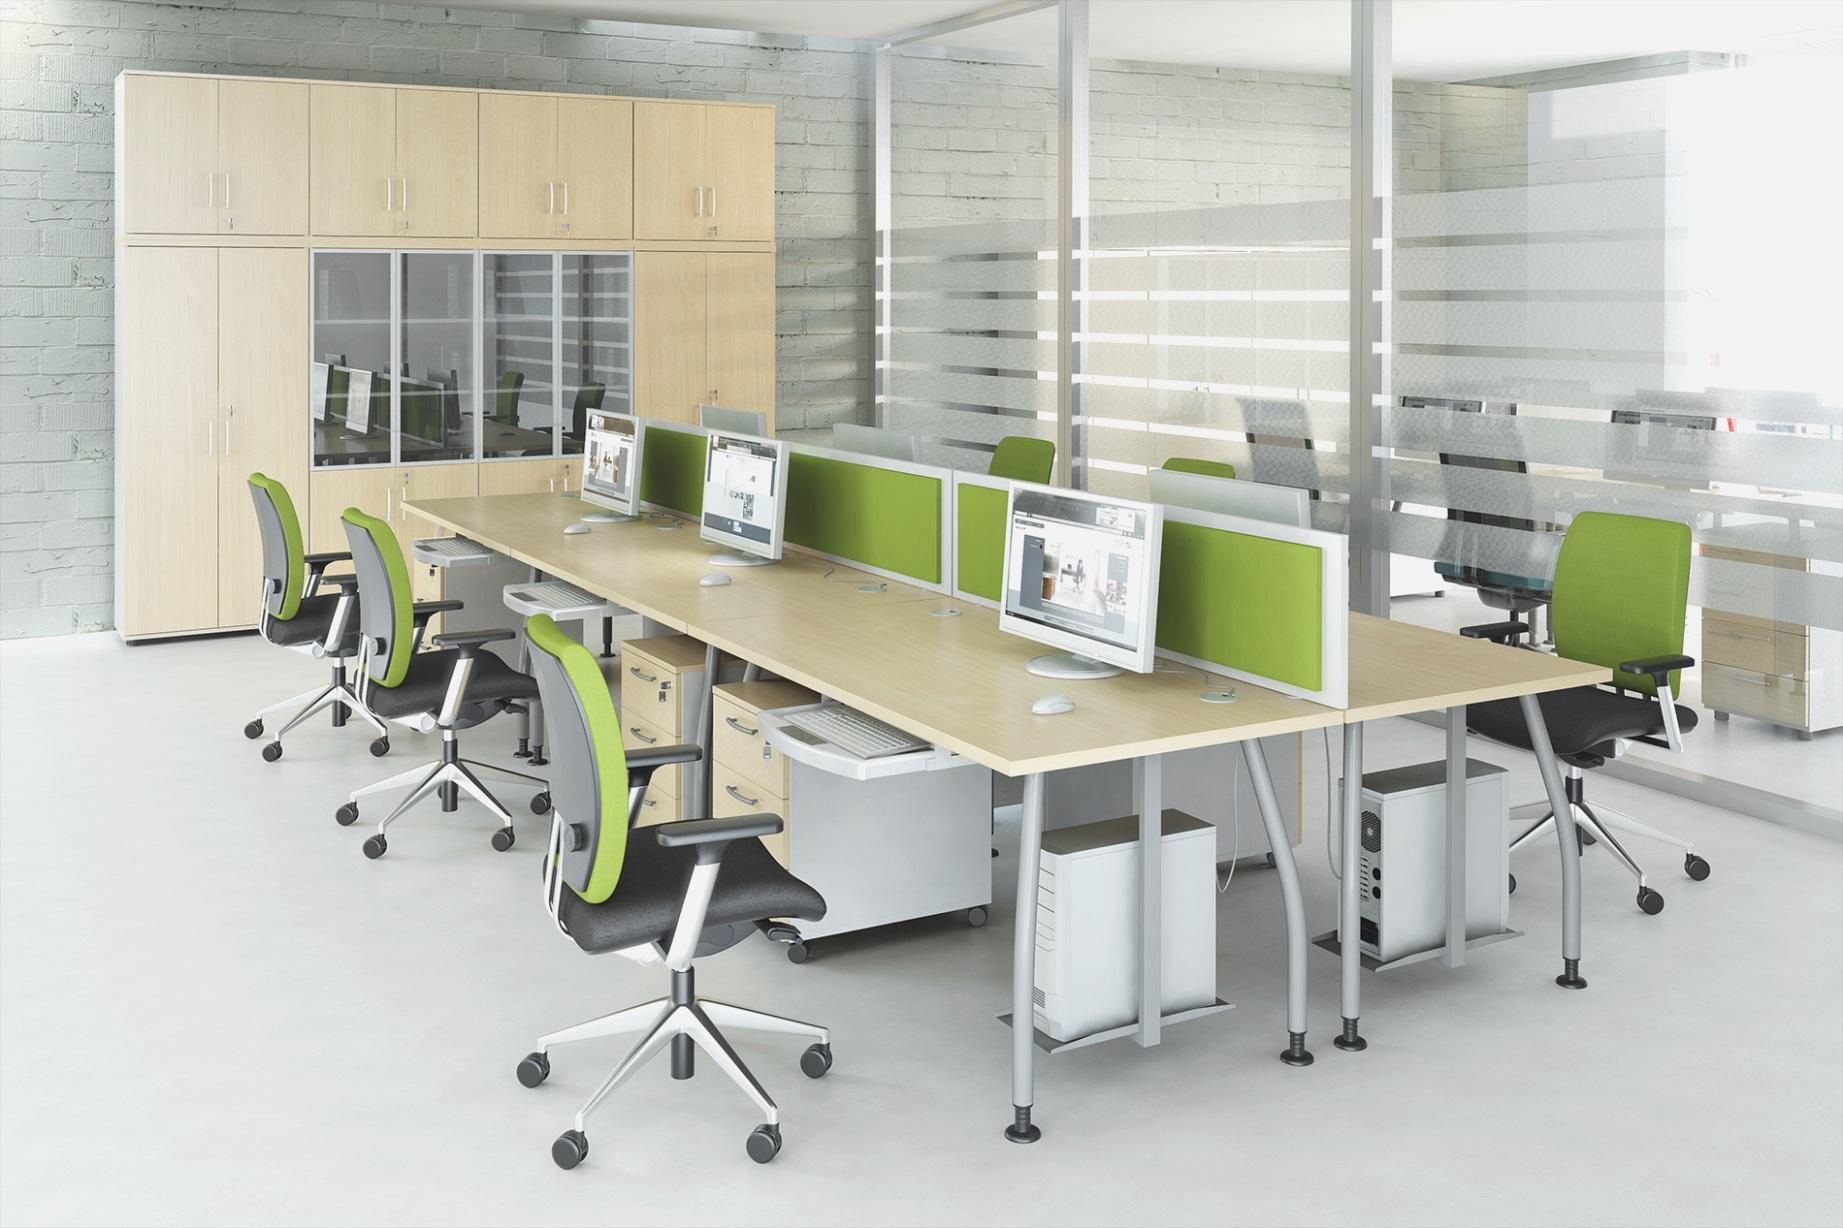 Diseno De Muebles Para Oficina.Hersicol Muebles Para Oficina Bogota D C Colombia Sillas